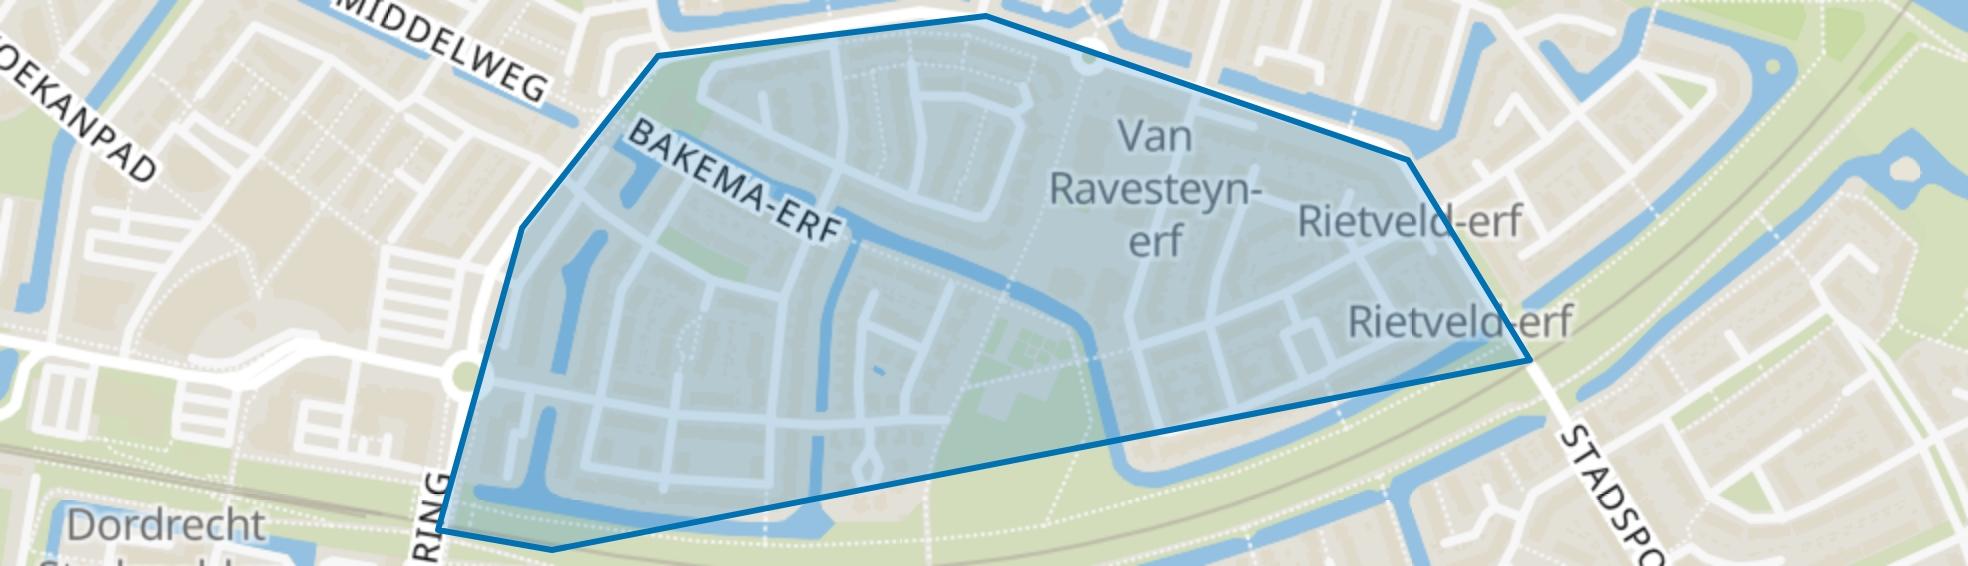 Van den Broek-erf en omgeving, Dordrecht map